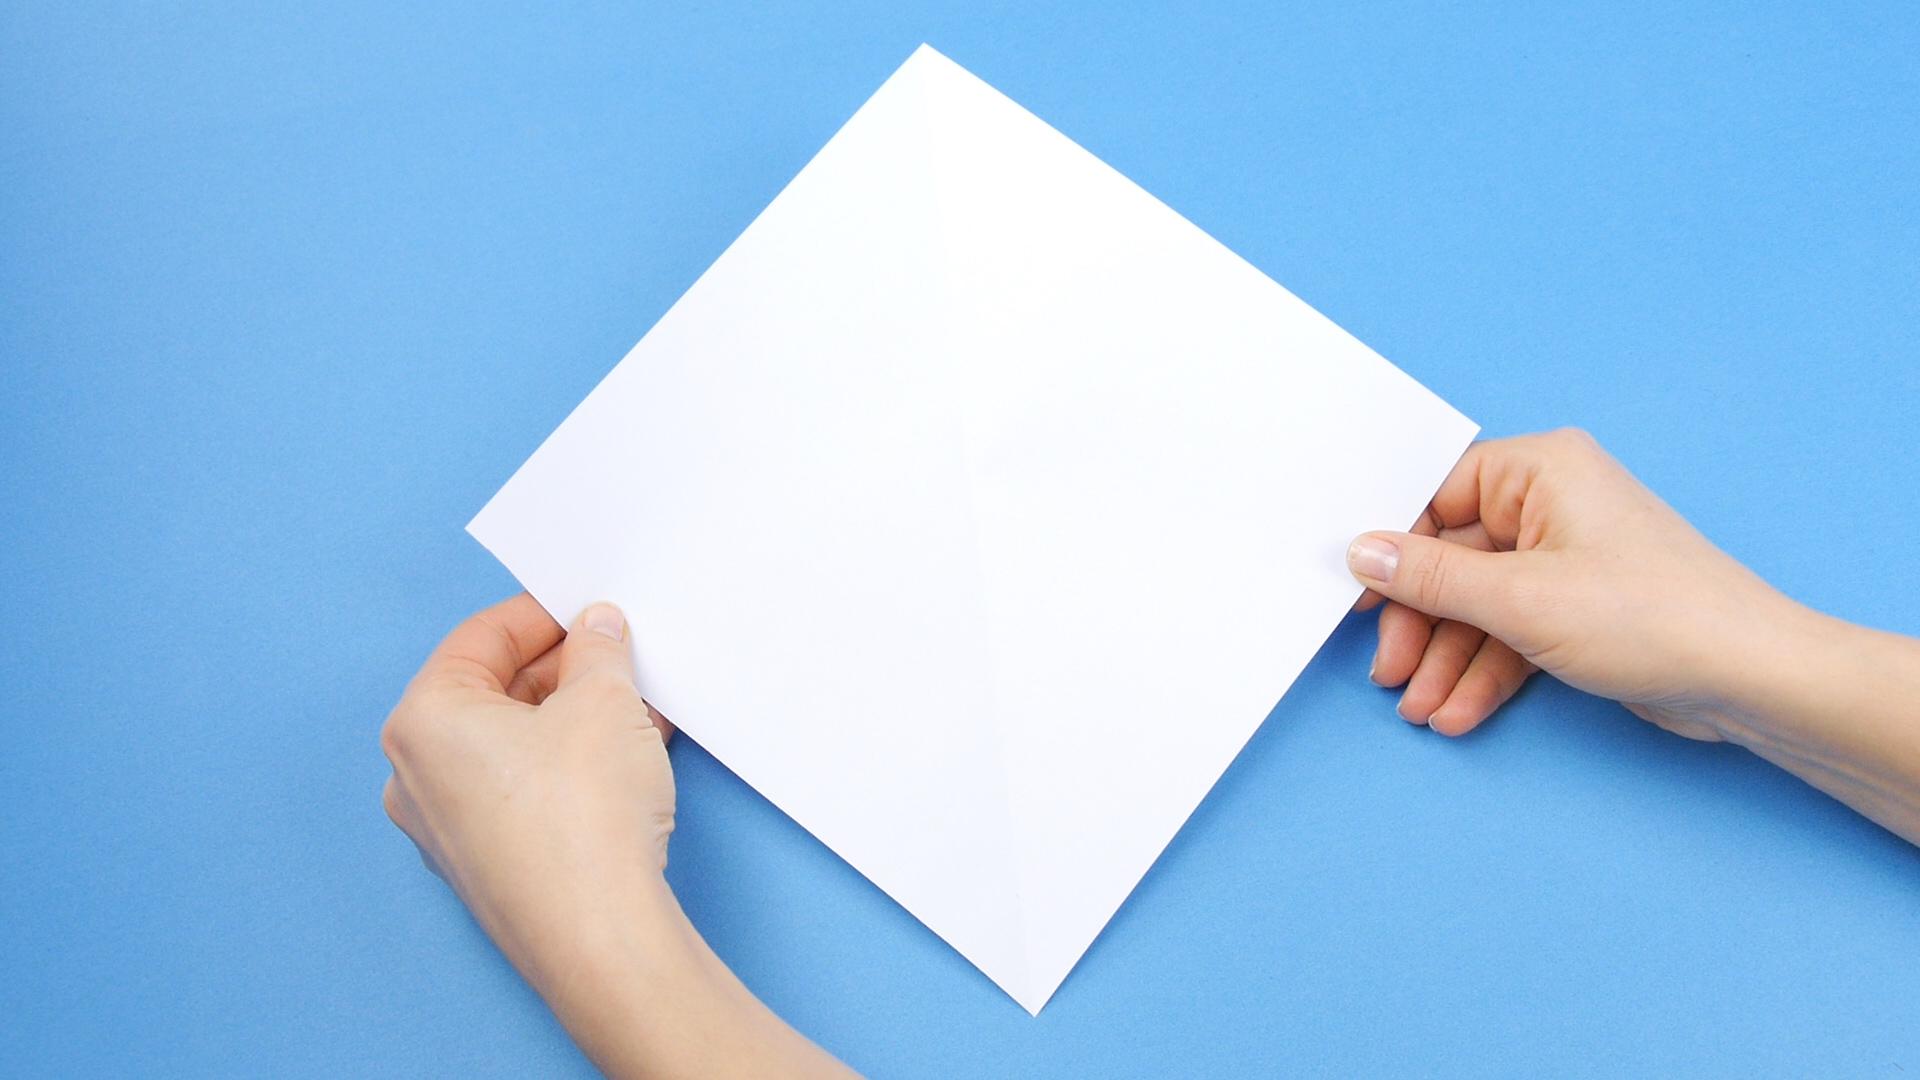 3 Manières De Faire Une Enveloppe - Wikihow destiné Pliage Papier Enfant